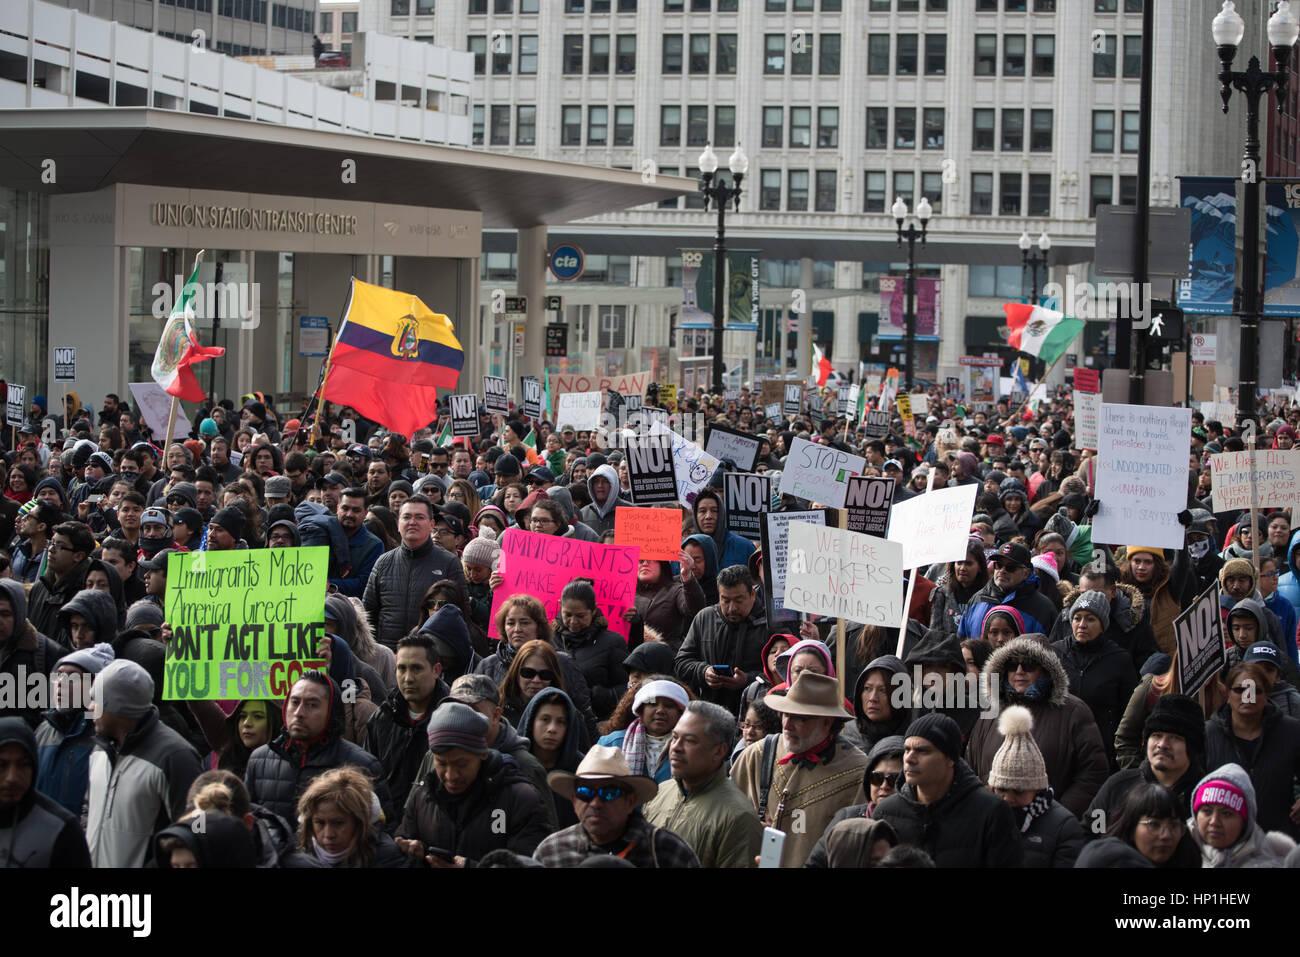 Chicago, USA. 16. Februar 2017. Demonstranten in Chicago marschierten im Rahmen eines landesweiten Protestes genannt Stockbild